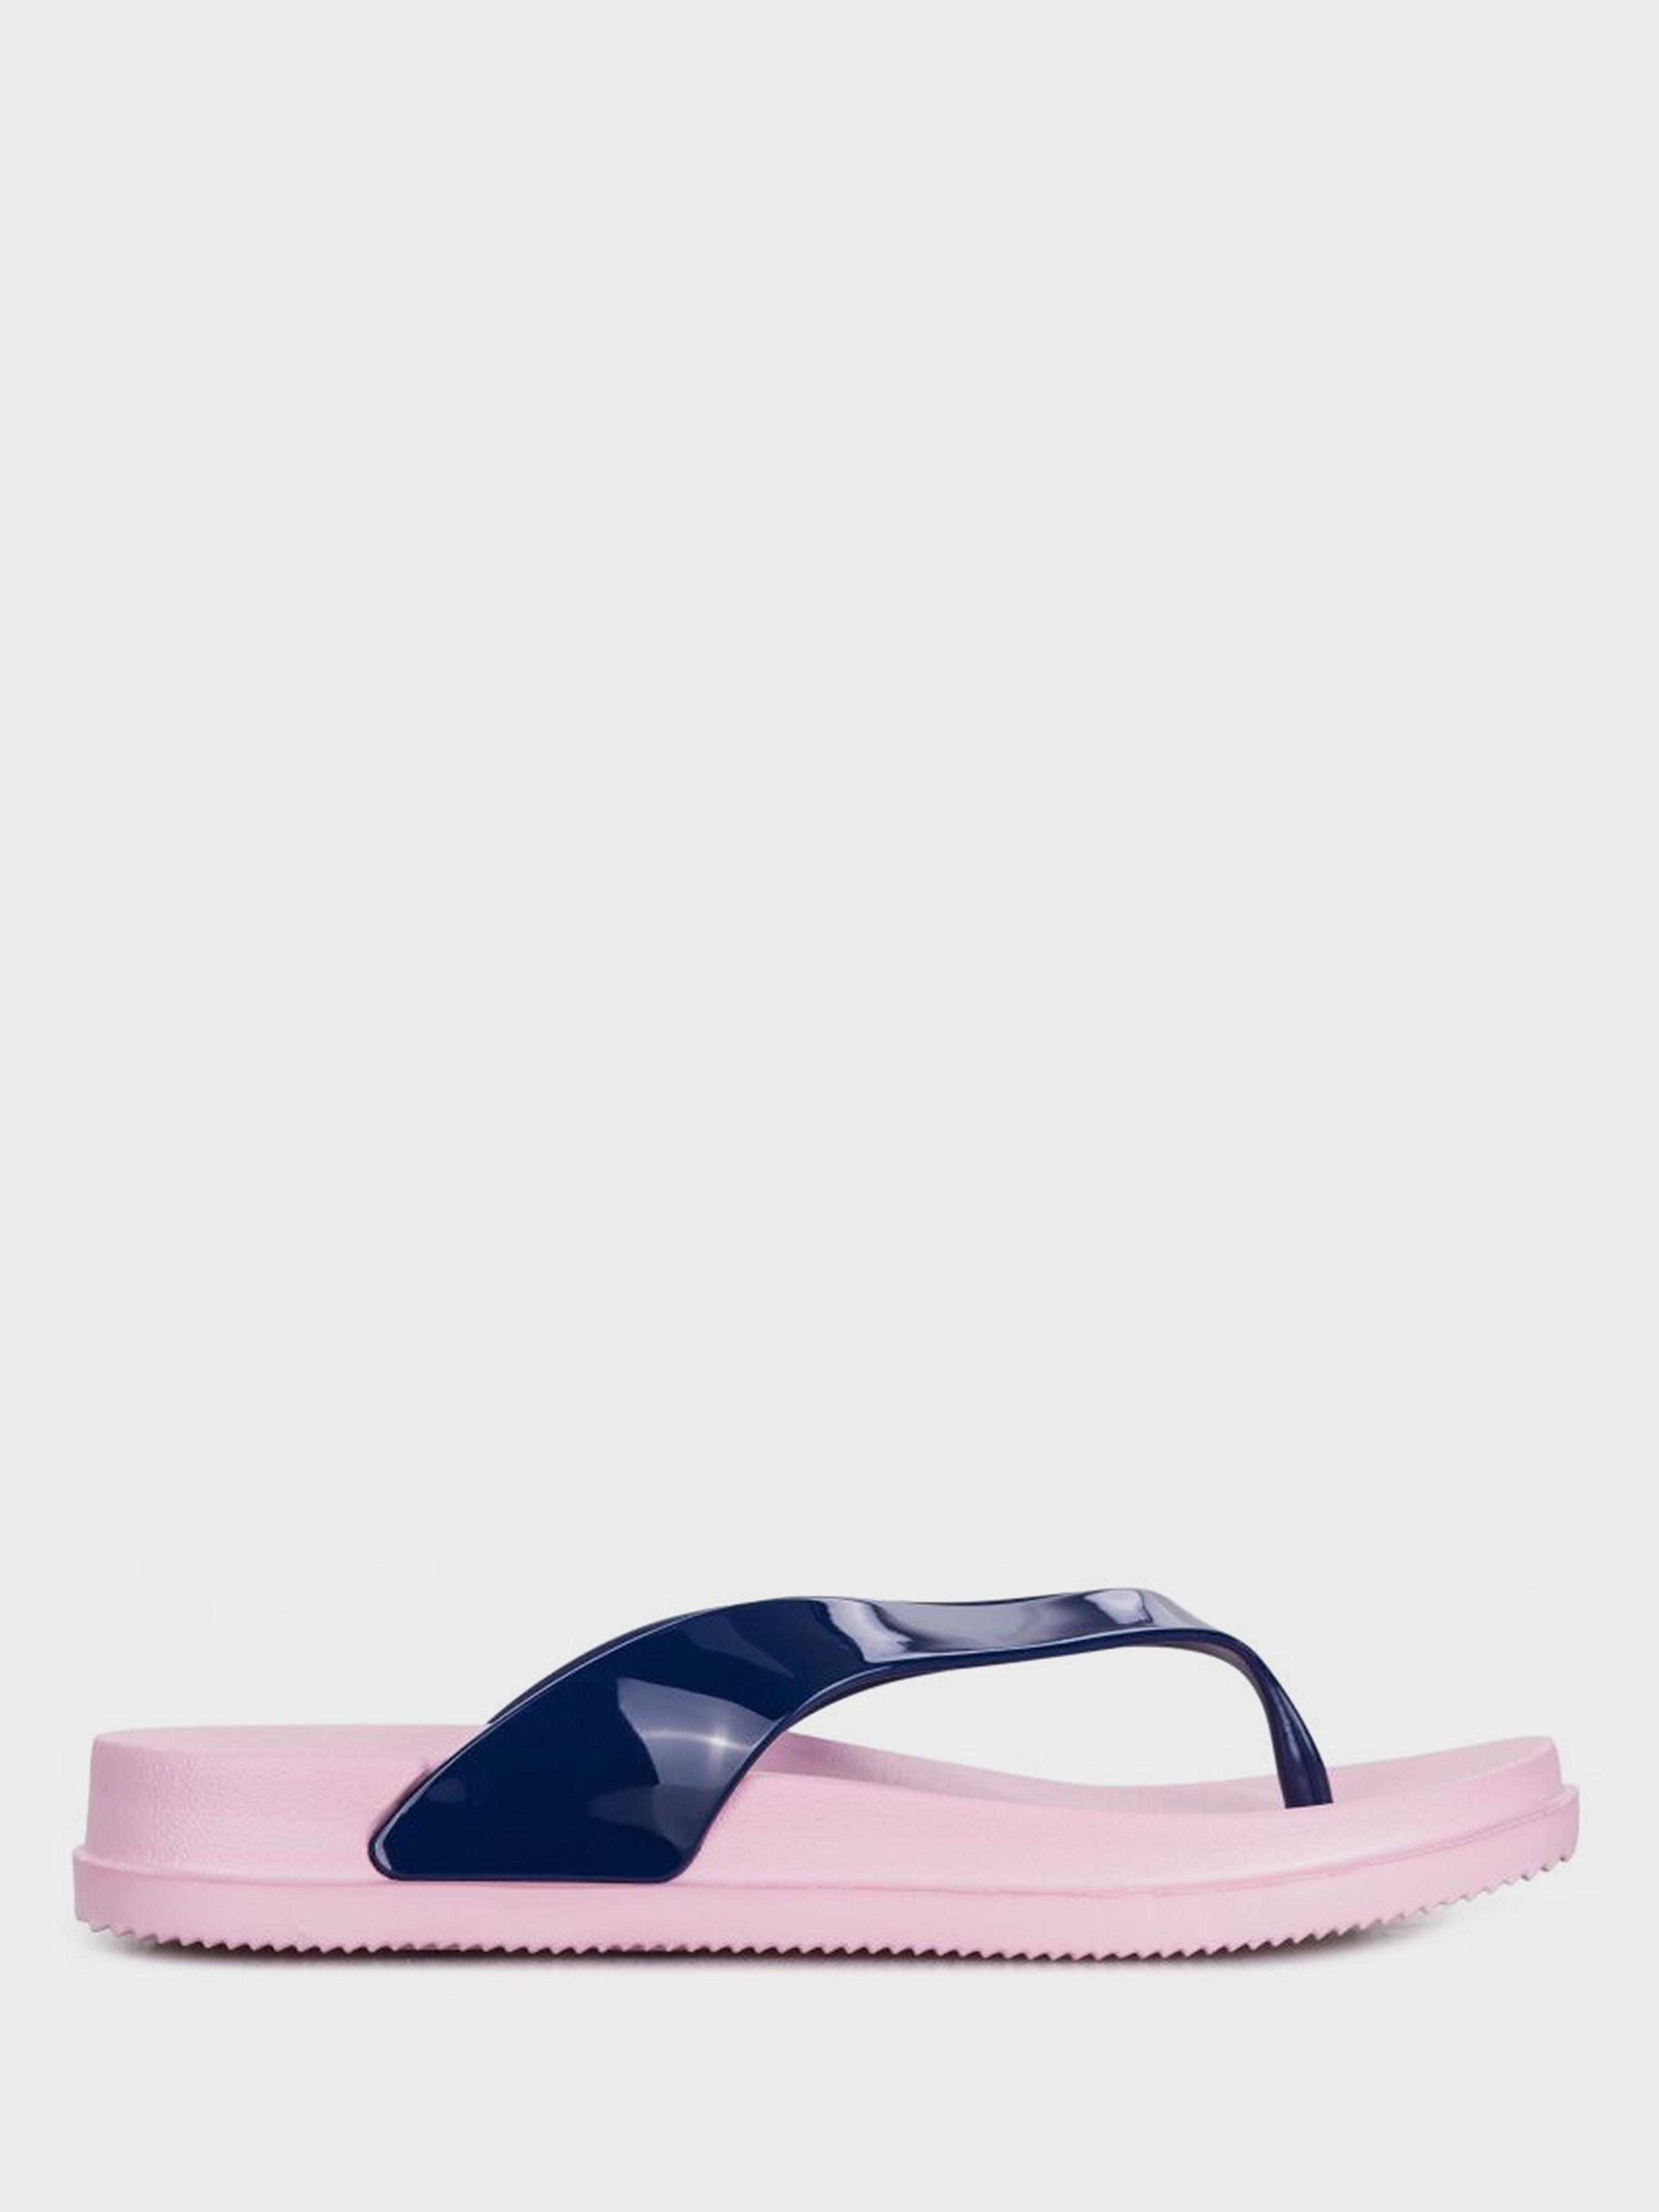 Шлёпанцы для женщин CALYPSO LOVES YOU 9A101 купить обувь, 2017